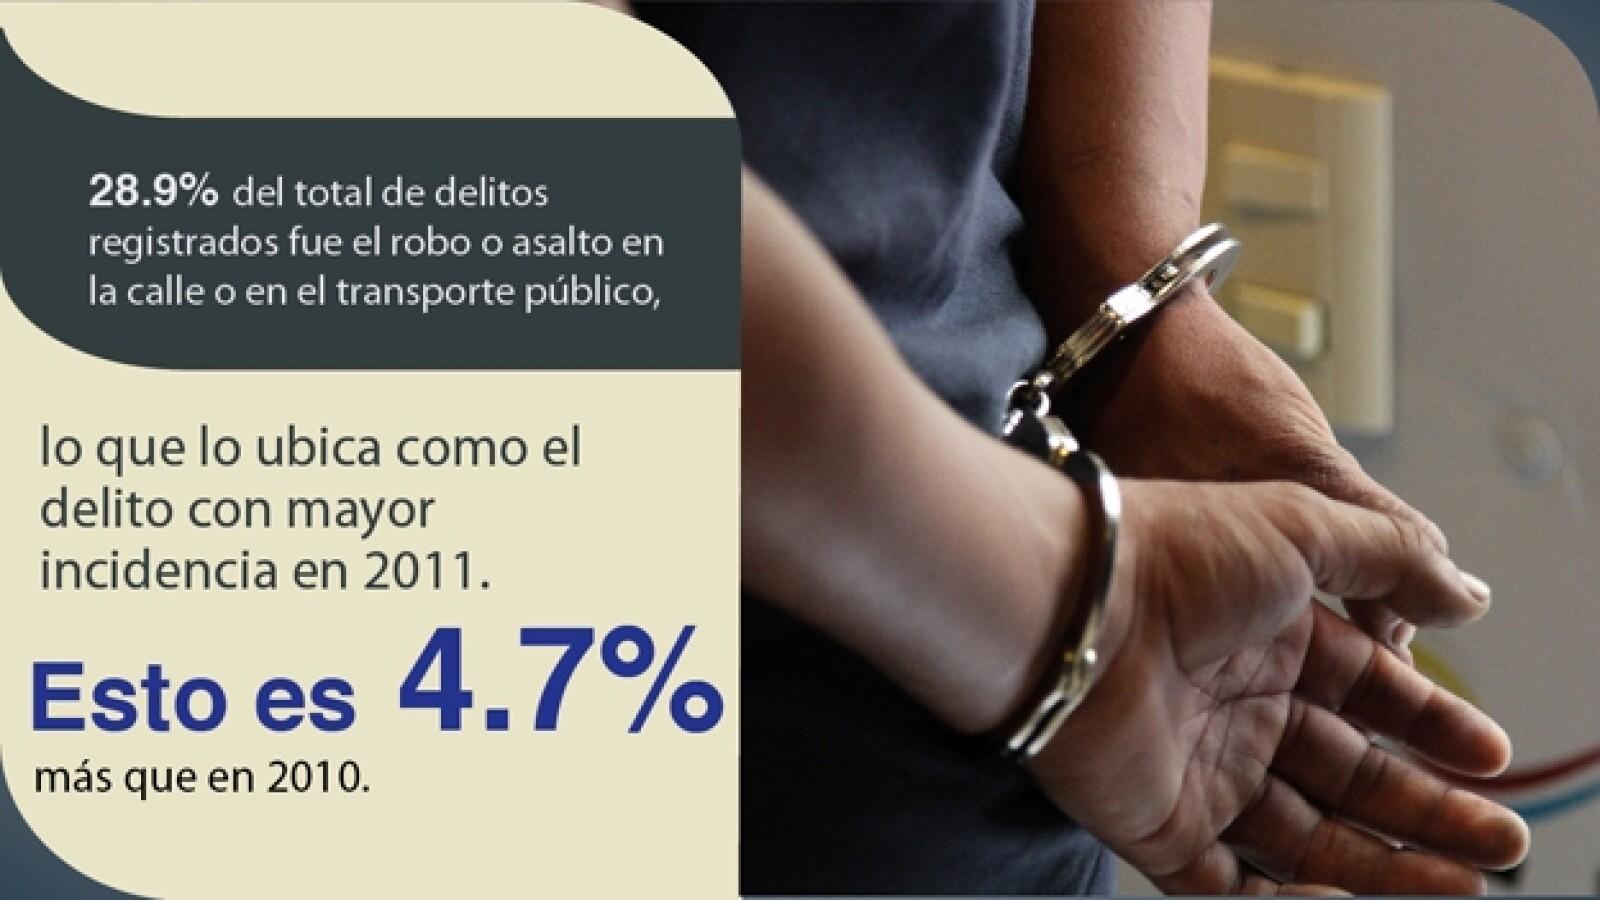 Encuesta seguridad INEGI 2012 3